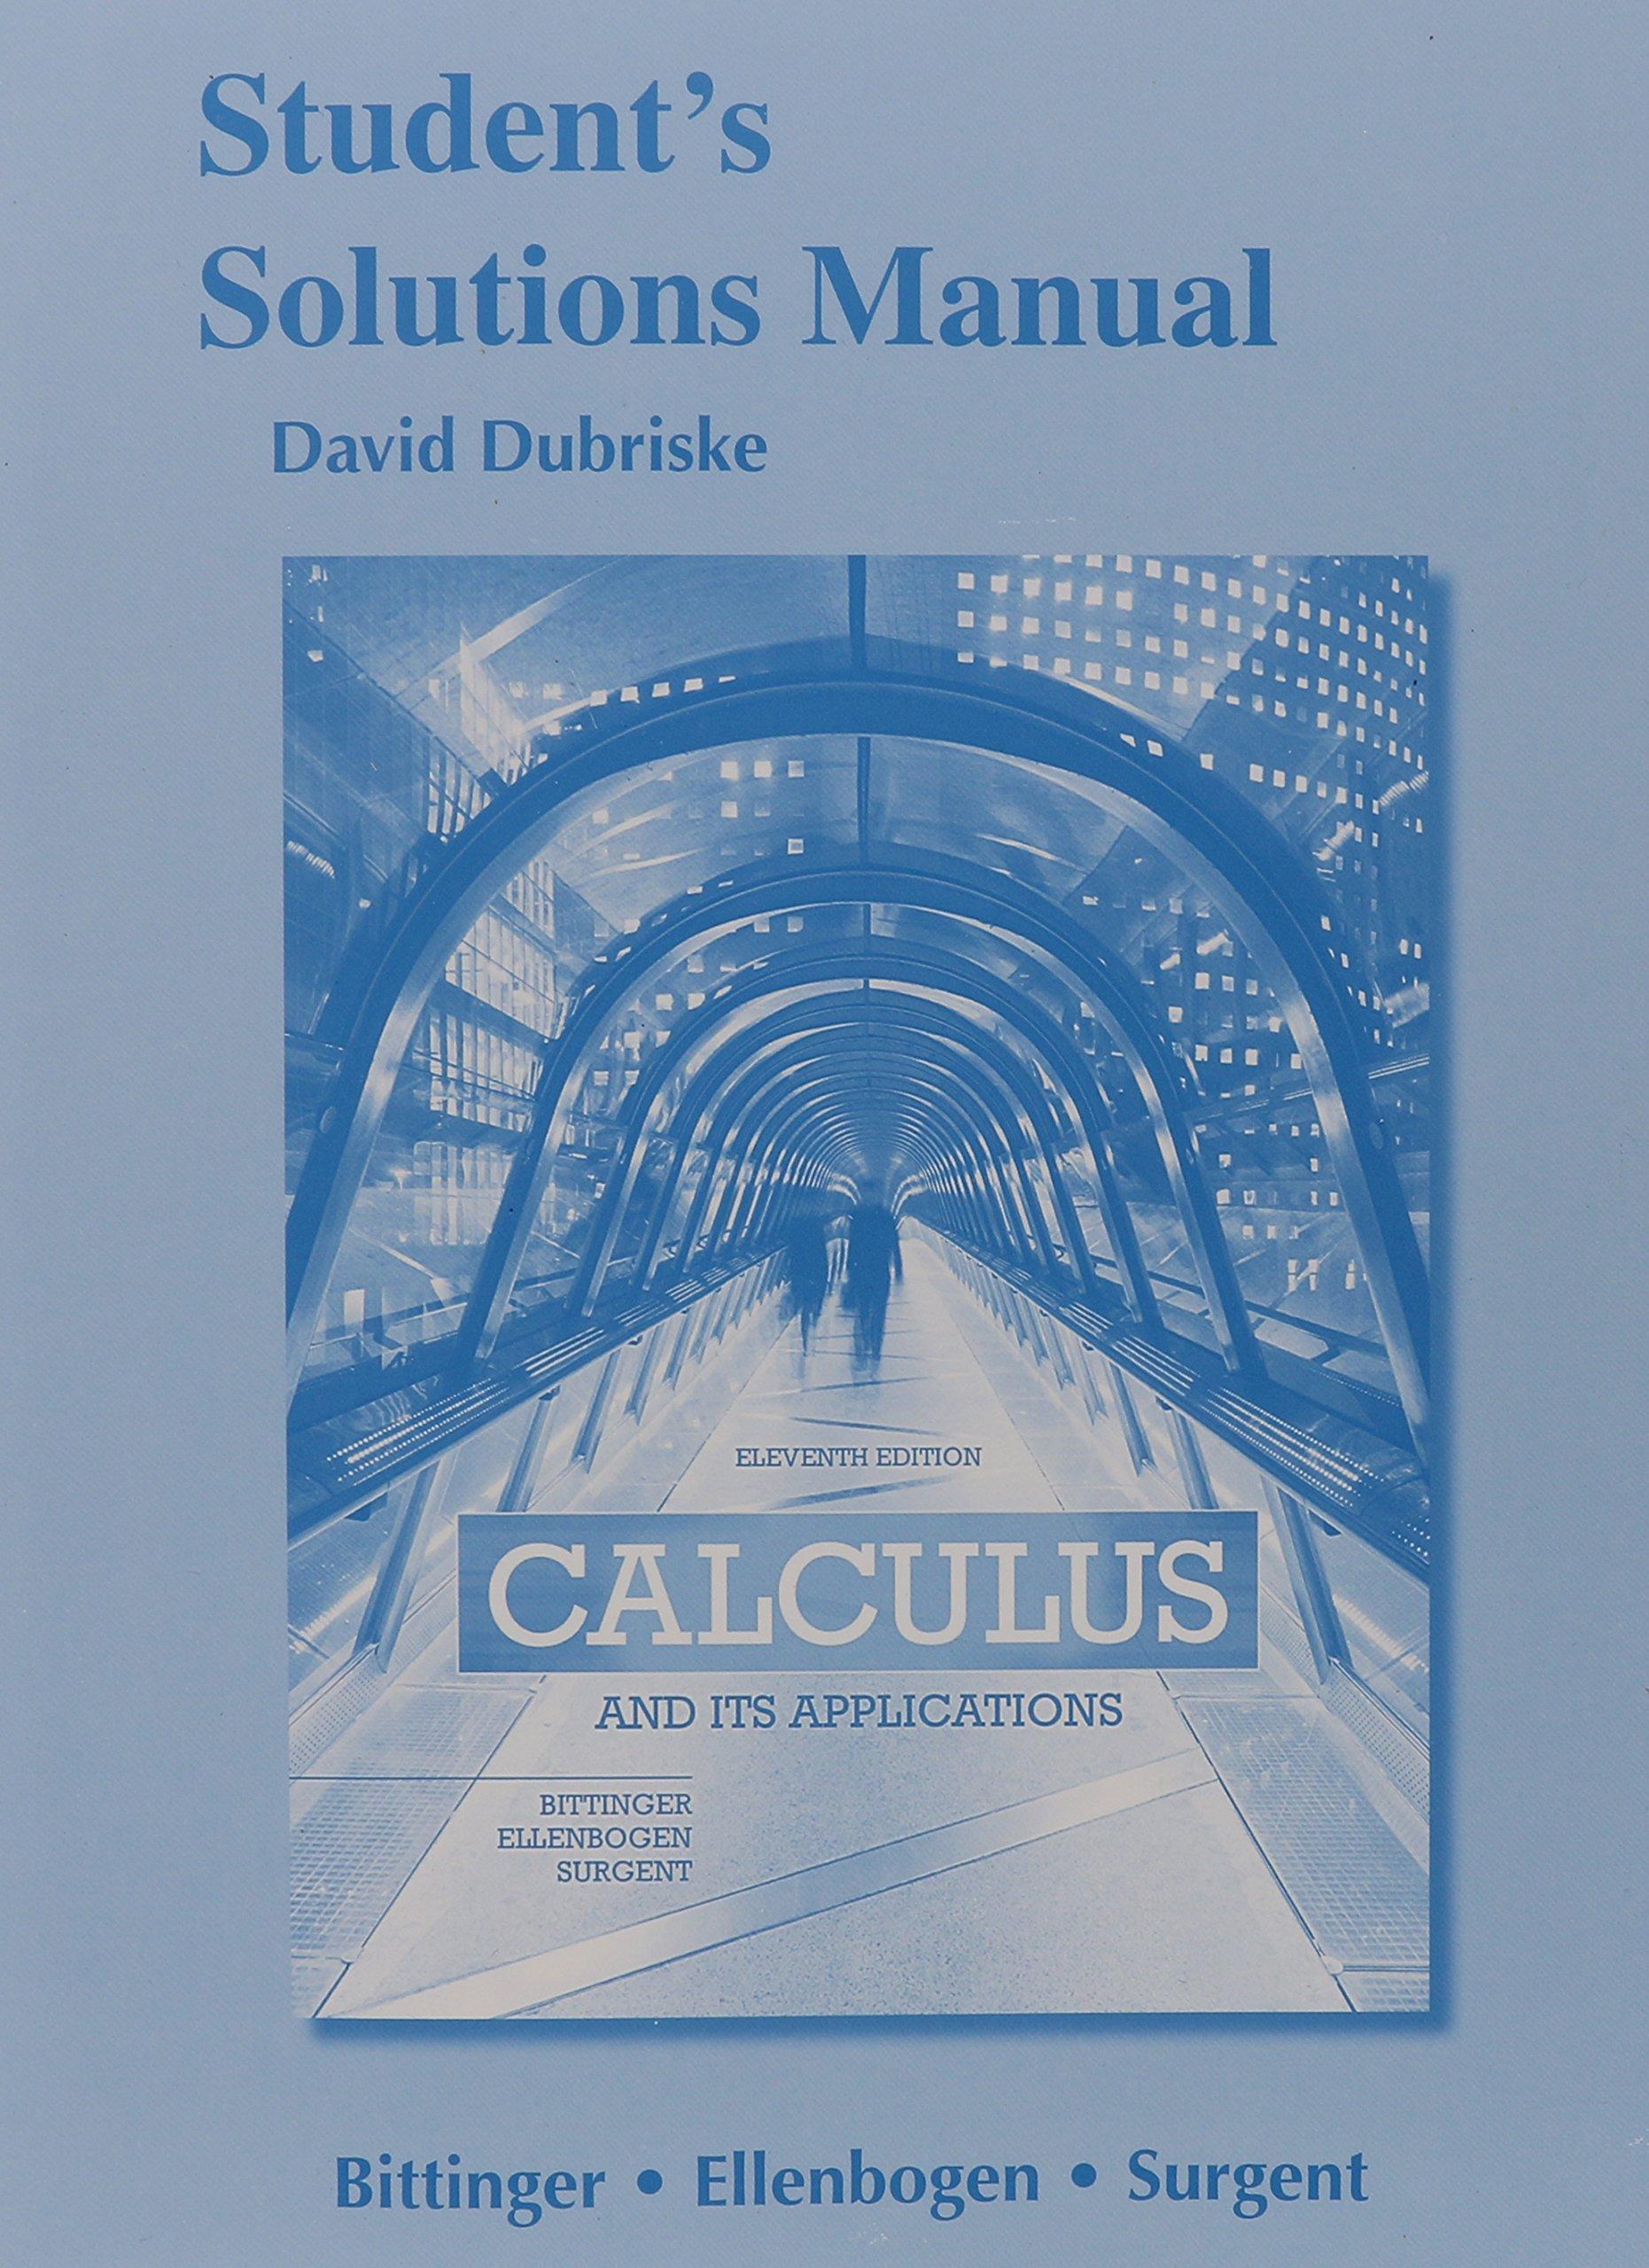 Students Solutions Manual for Calculus and Its Applications: Marvin L.  Bittinger, David J. Ellenbogen, Scott J. Surgent: 9780321999054: Books -  Amazon.ca